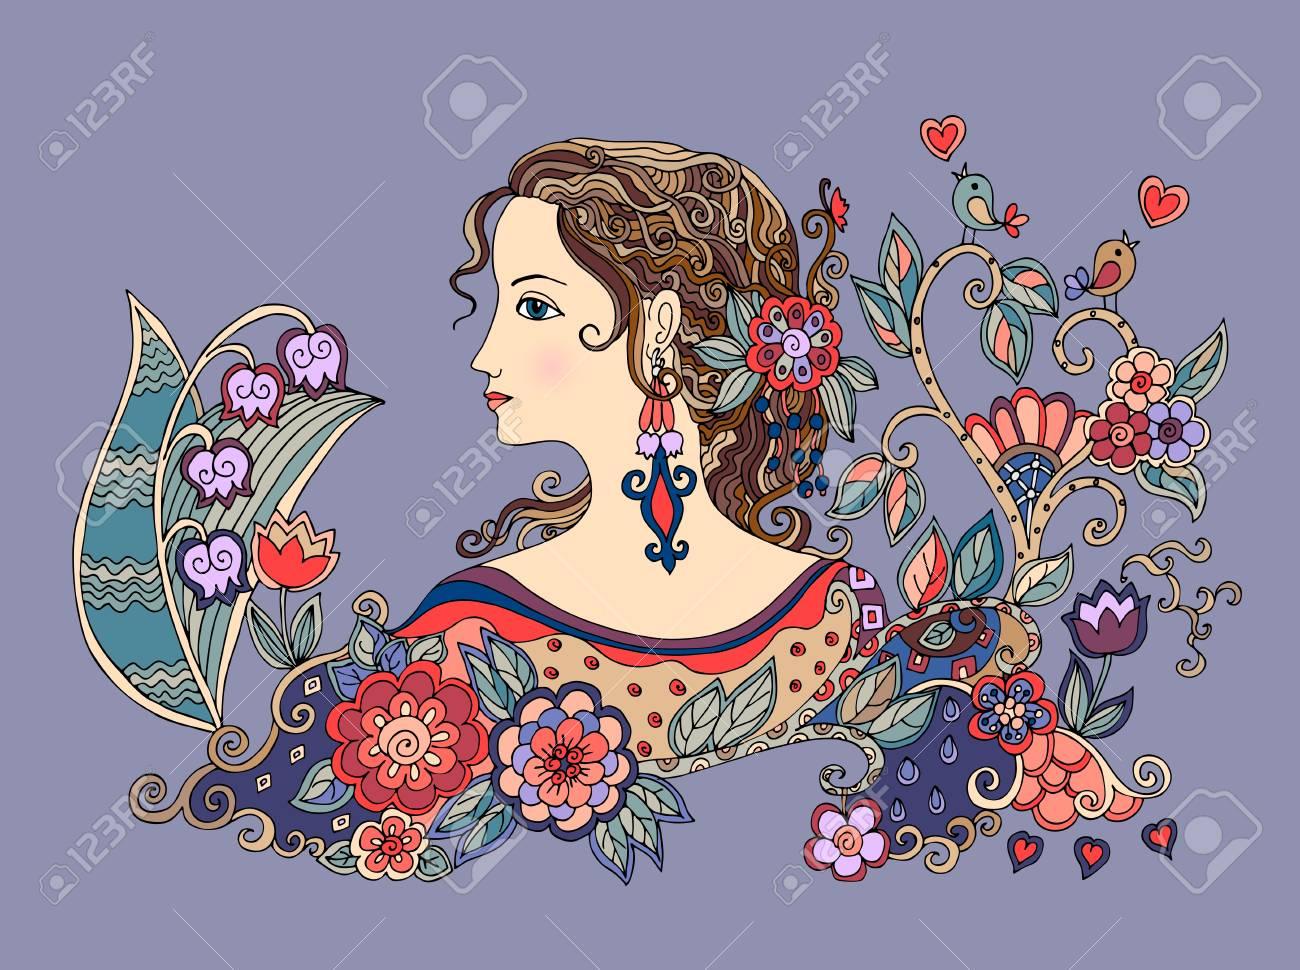 Portrait De Doodle Colore De Belle Fille De Profil Avec Des Fleurs